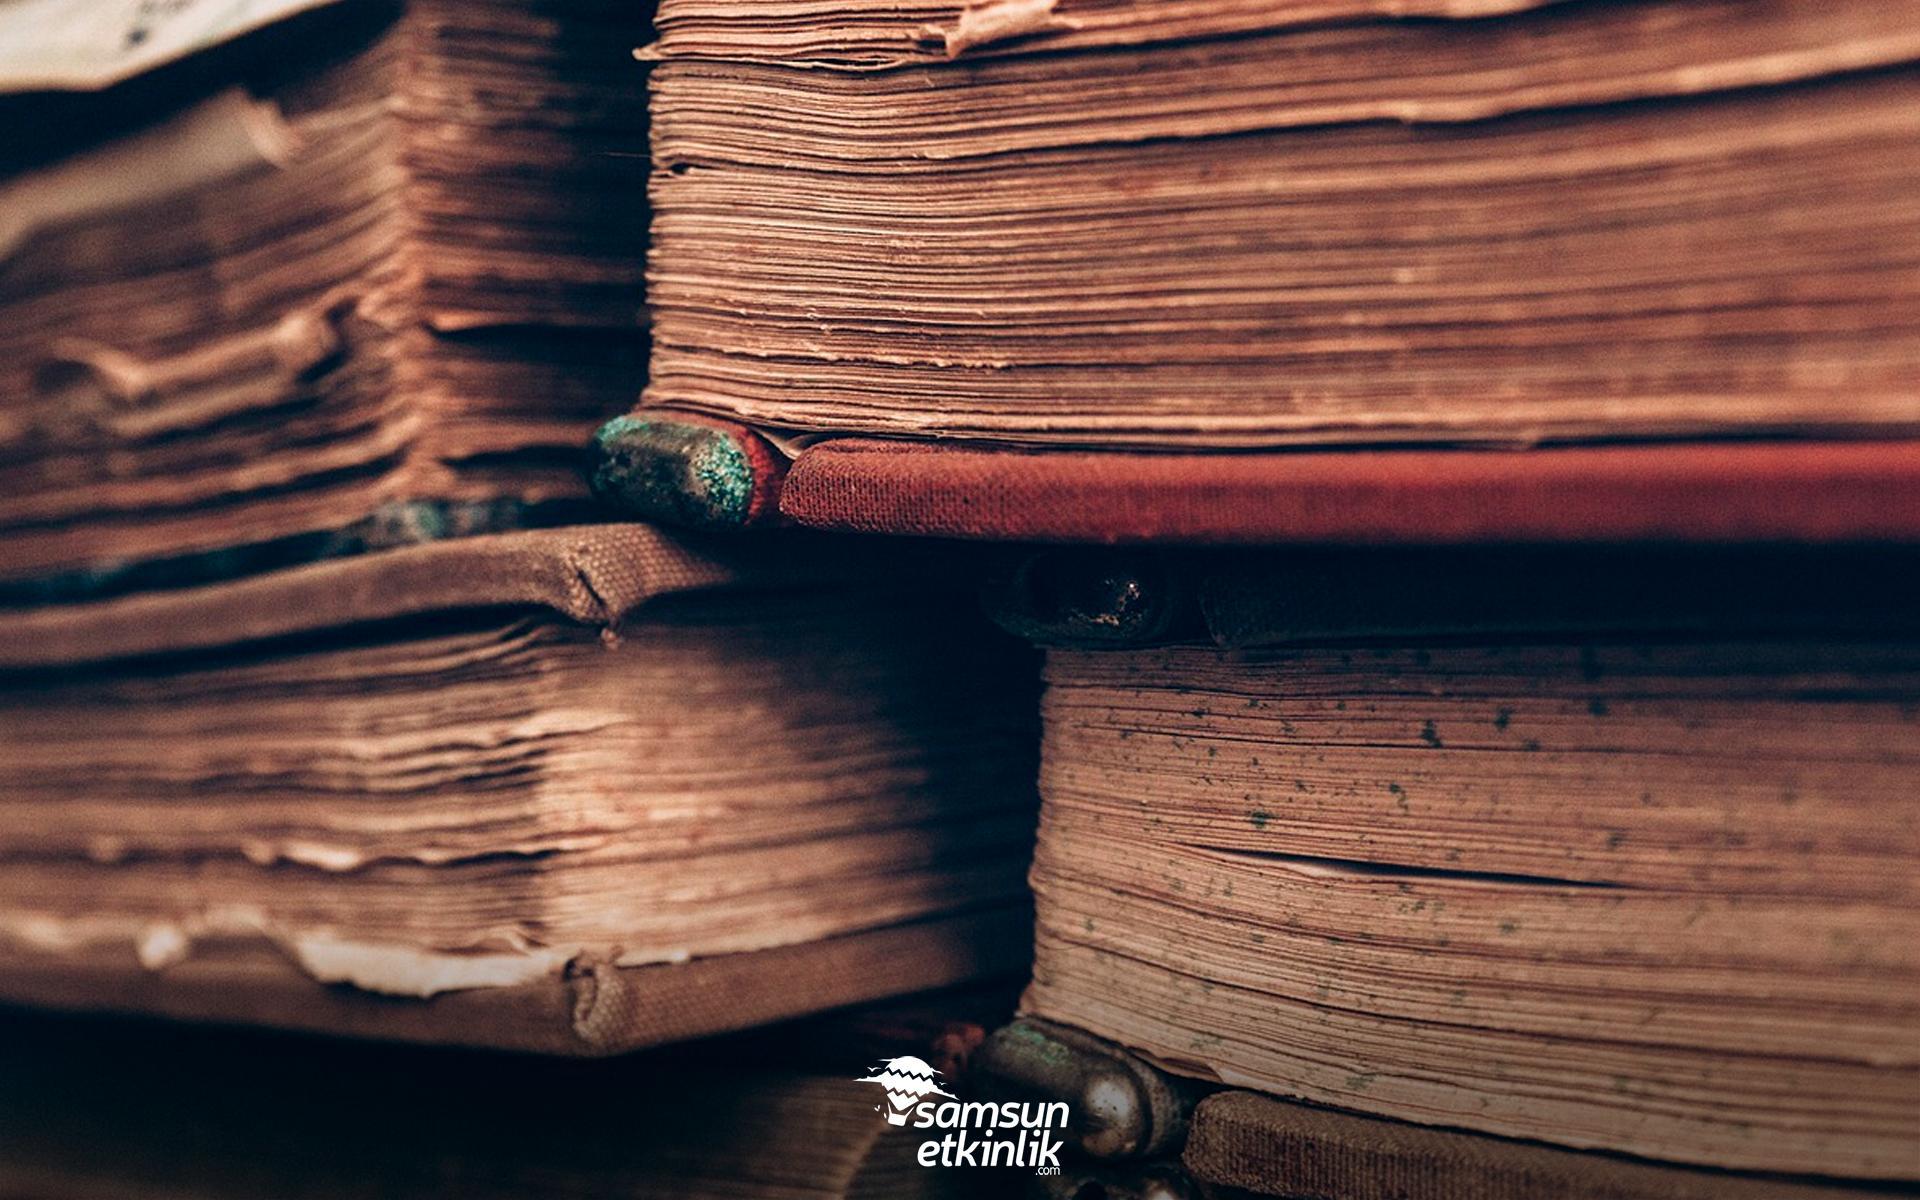 Ünlü Edebiyatçıların Şaşırtıcı Ölüm Hikayeleri